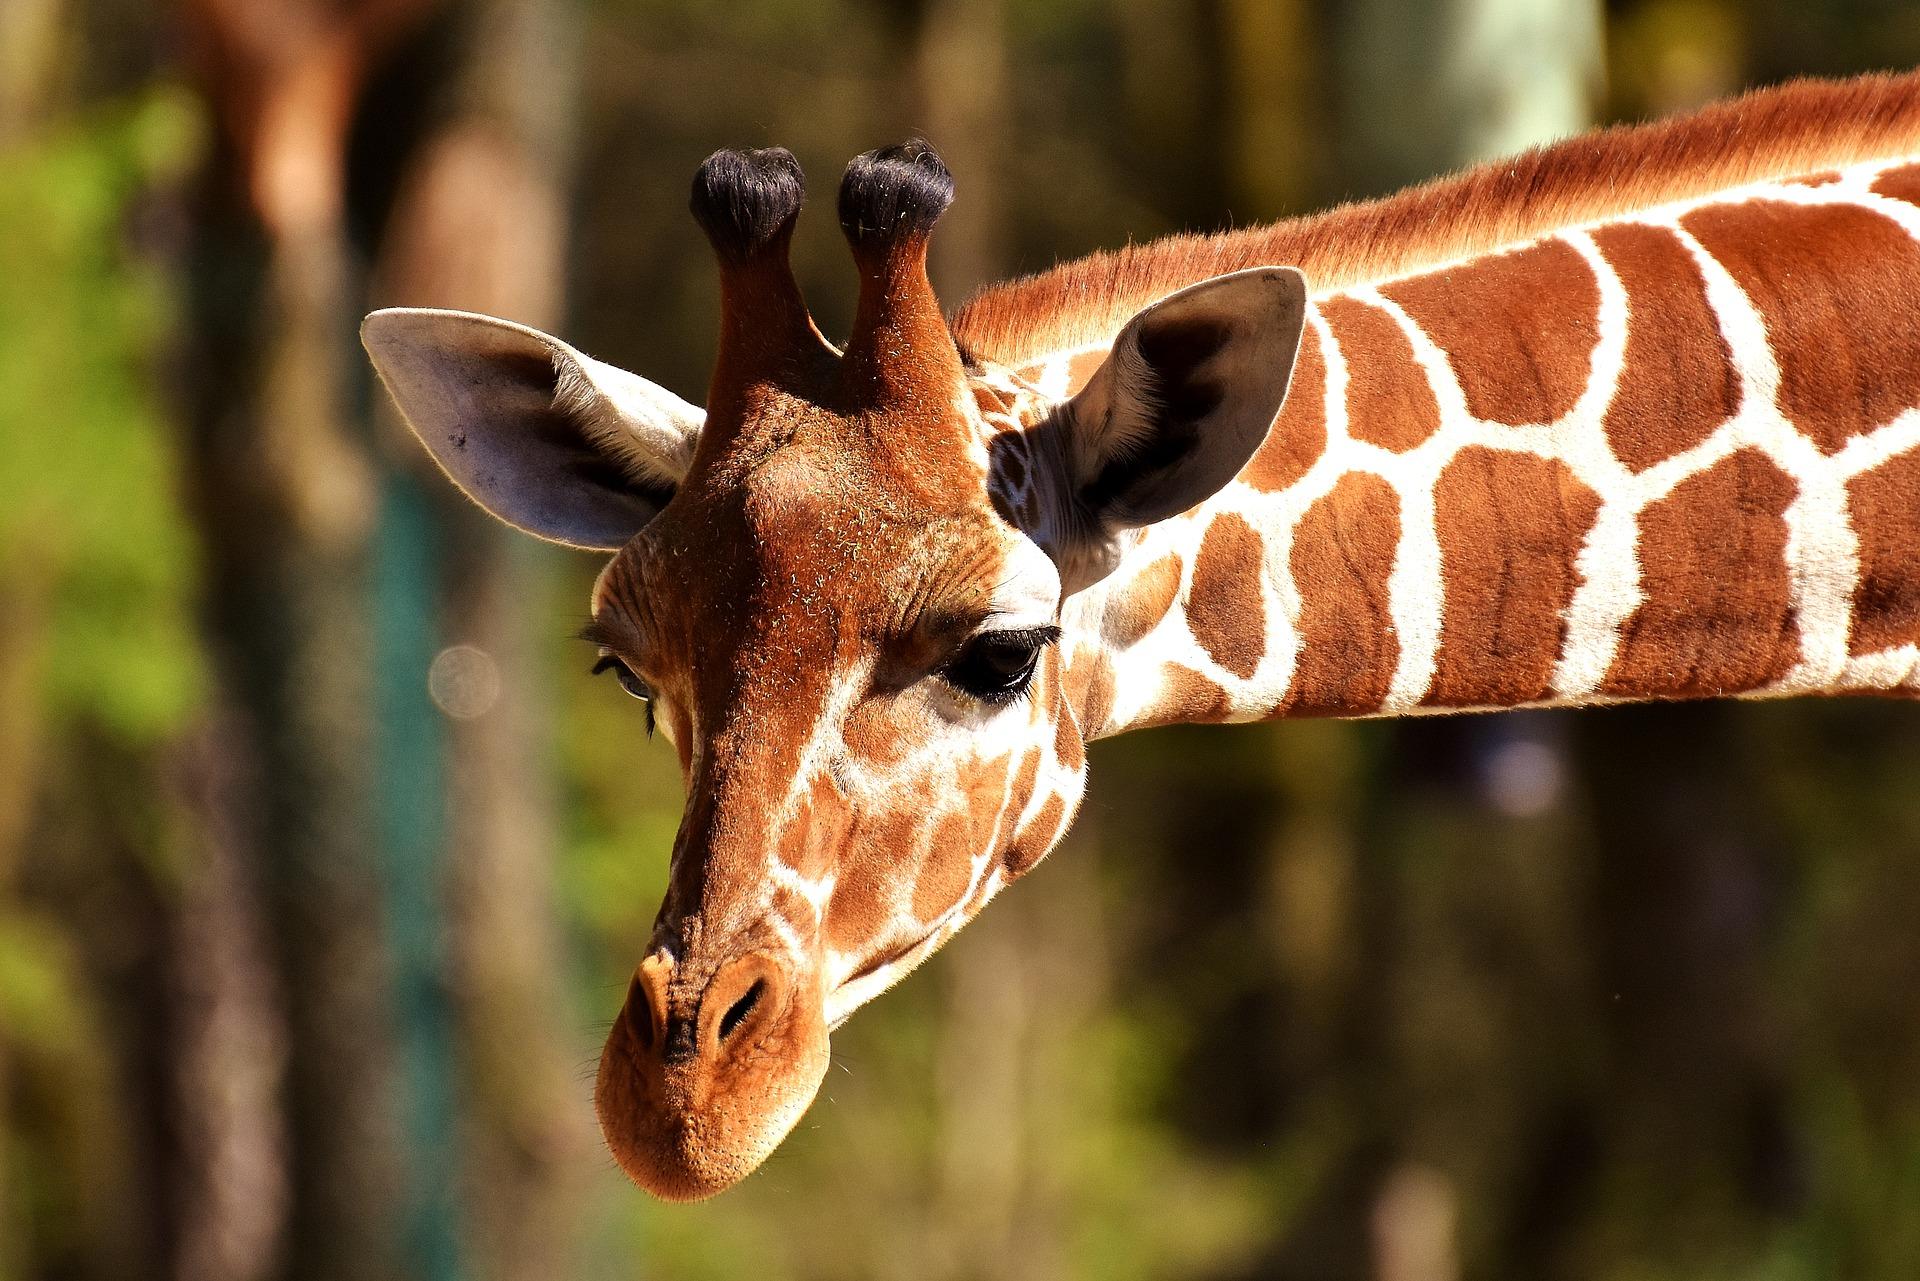 20371-giraffe-2222908-1920.jpg